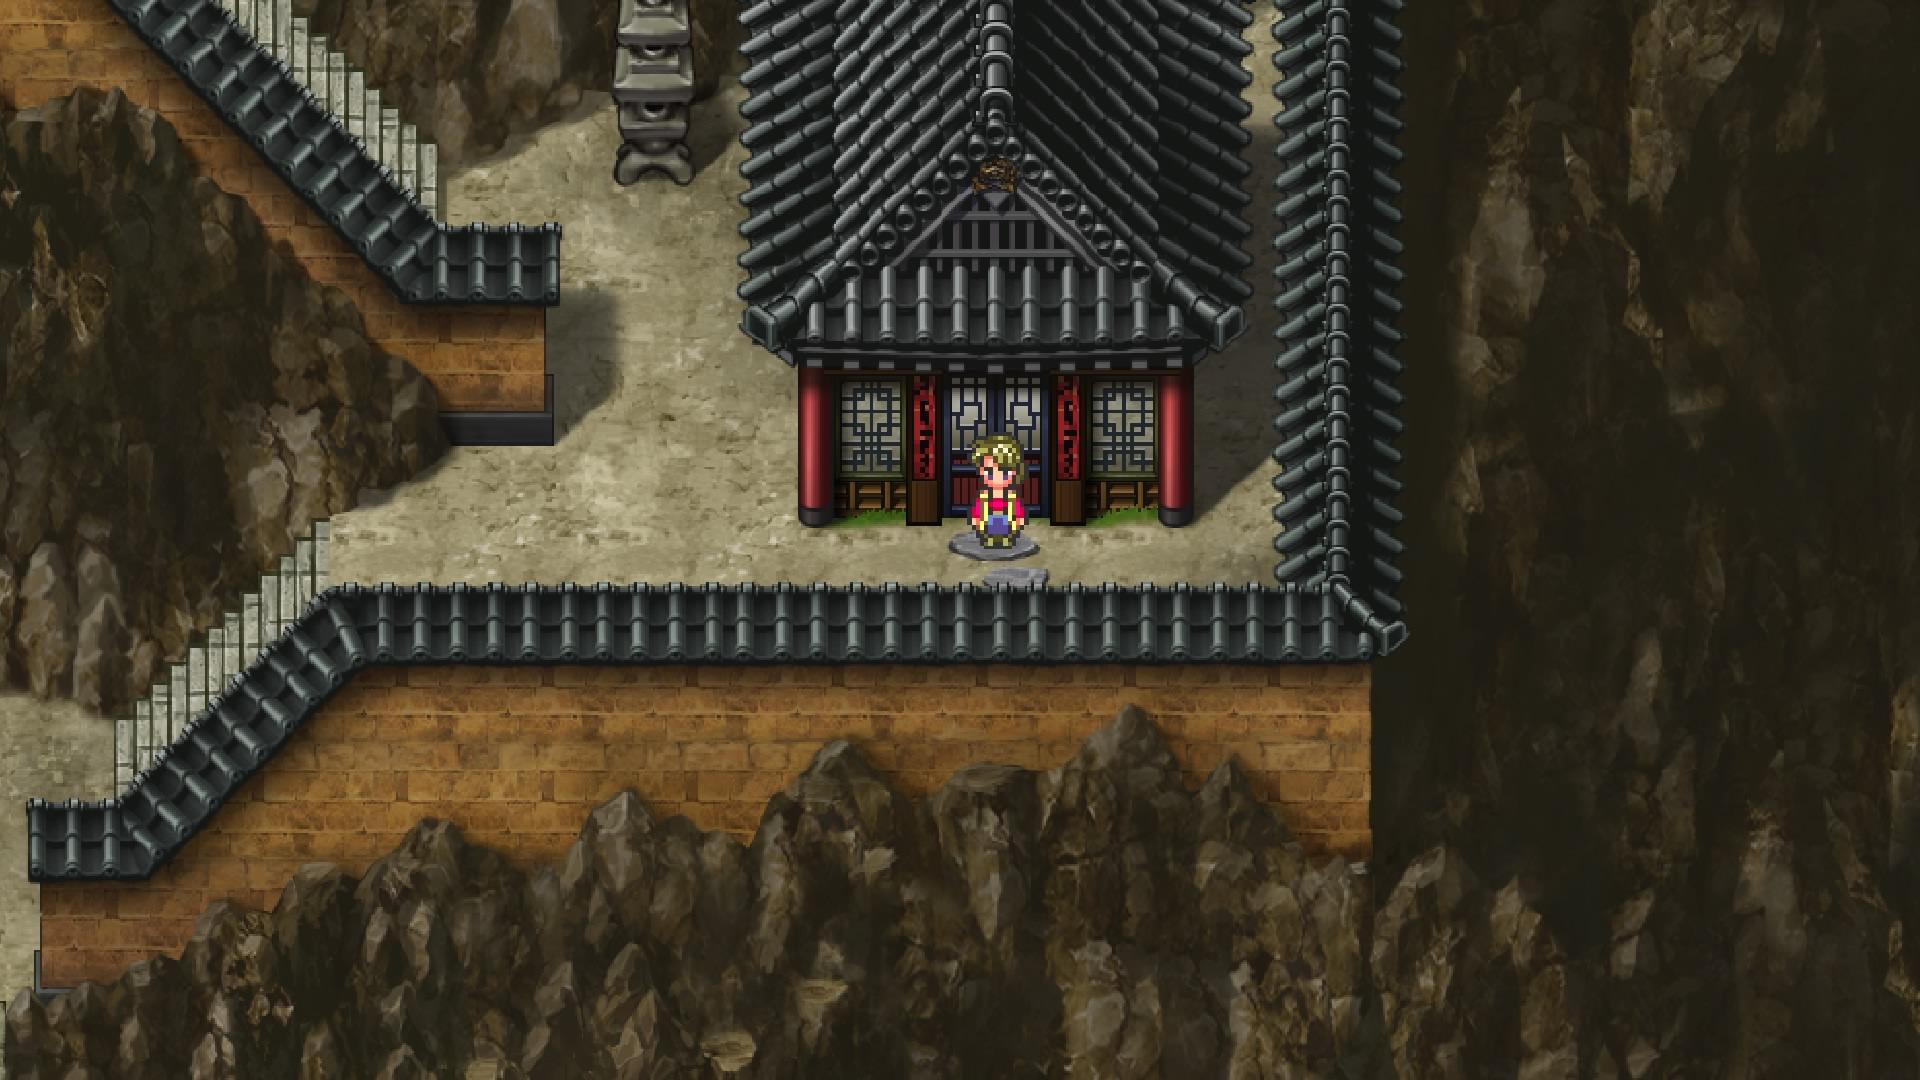 ロマサガ3(ロマンシングサガ3)「バイメイニャン」を仲間にする方法 | 玄城の右上(階段を上った先)の民家に居ます